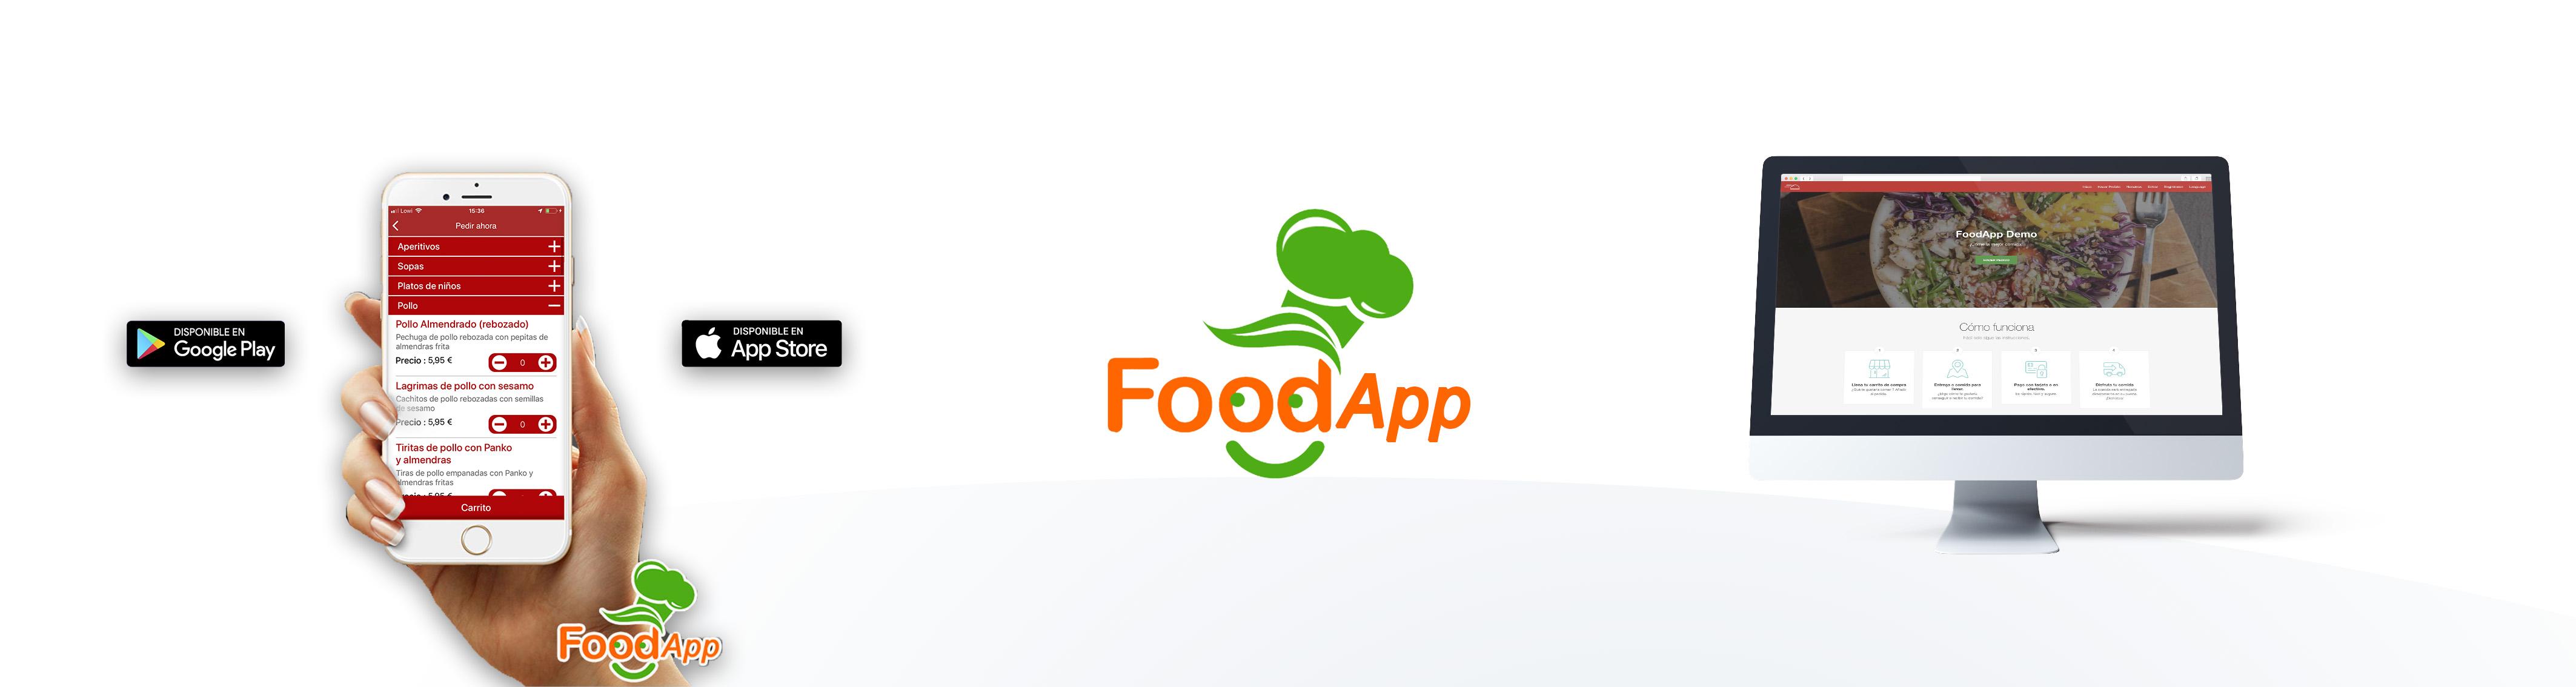 foodapp-header